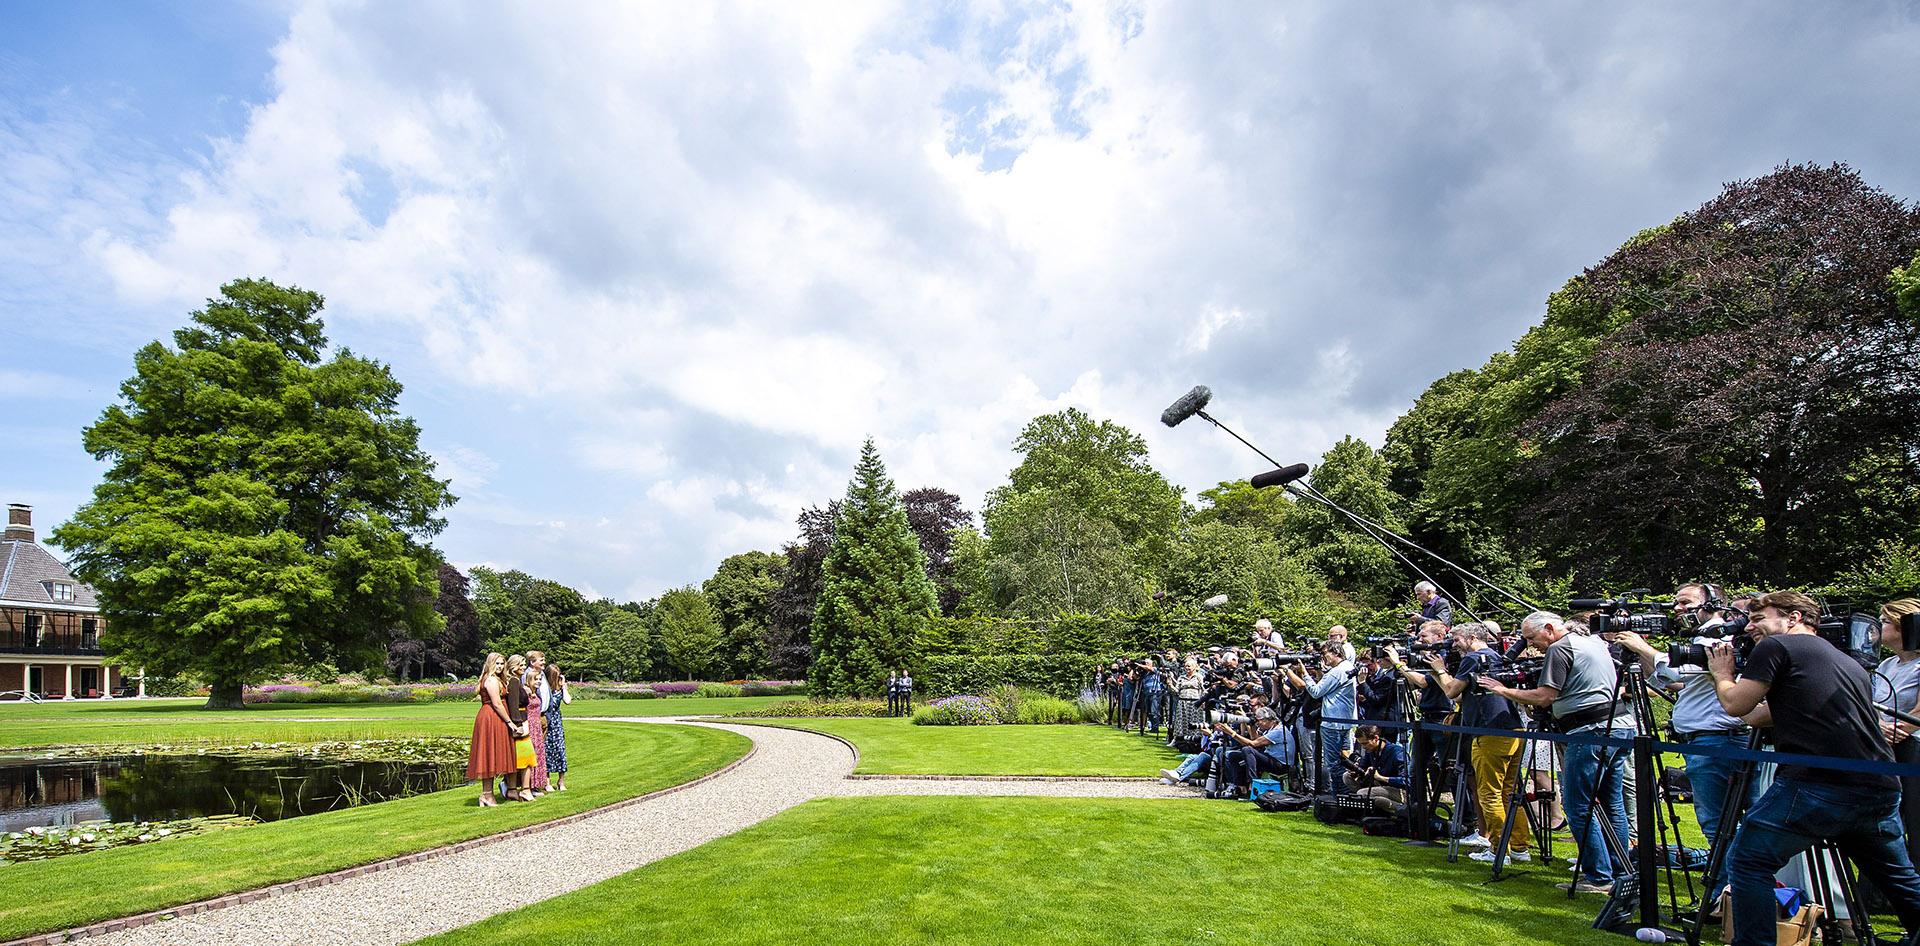 Frente a la prensa para realizar la clásica foto de verano que da inicio a las vacaciones.